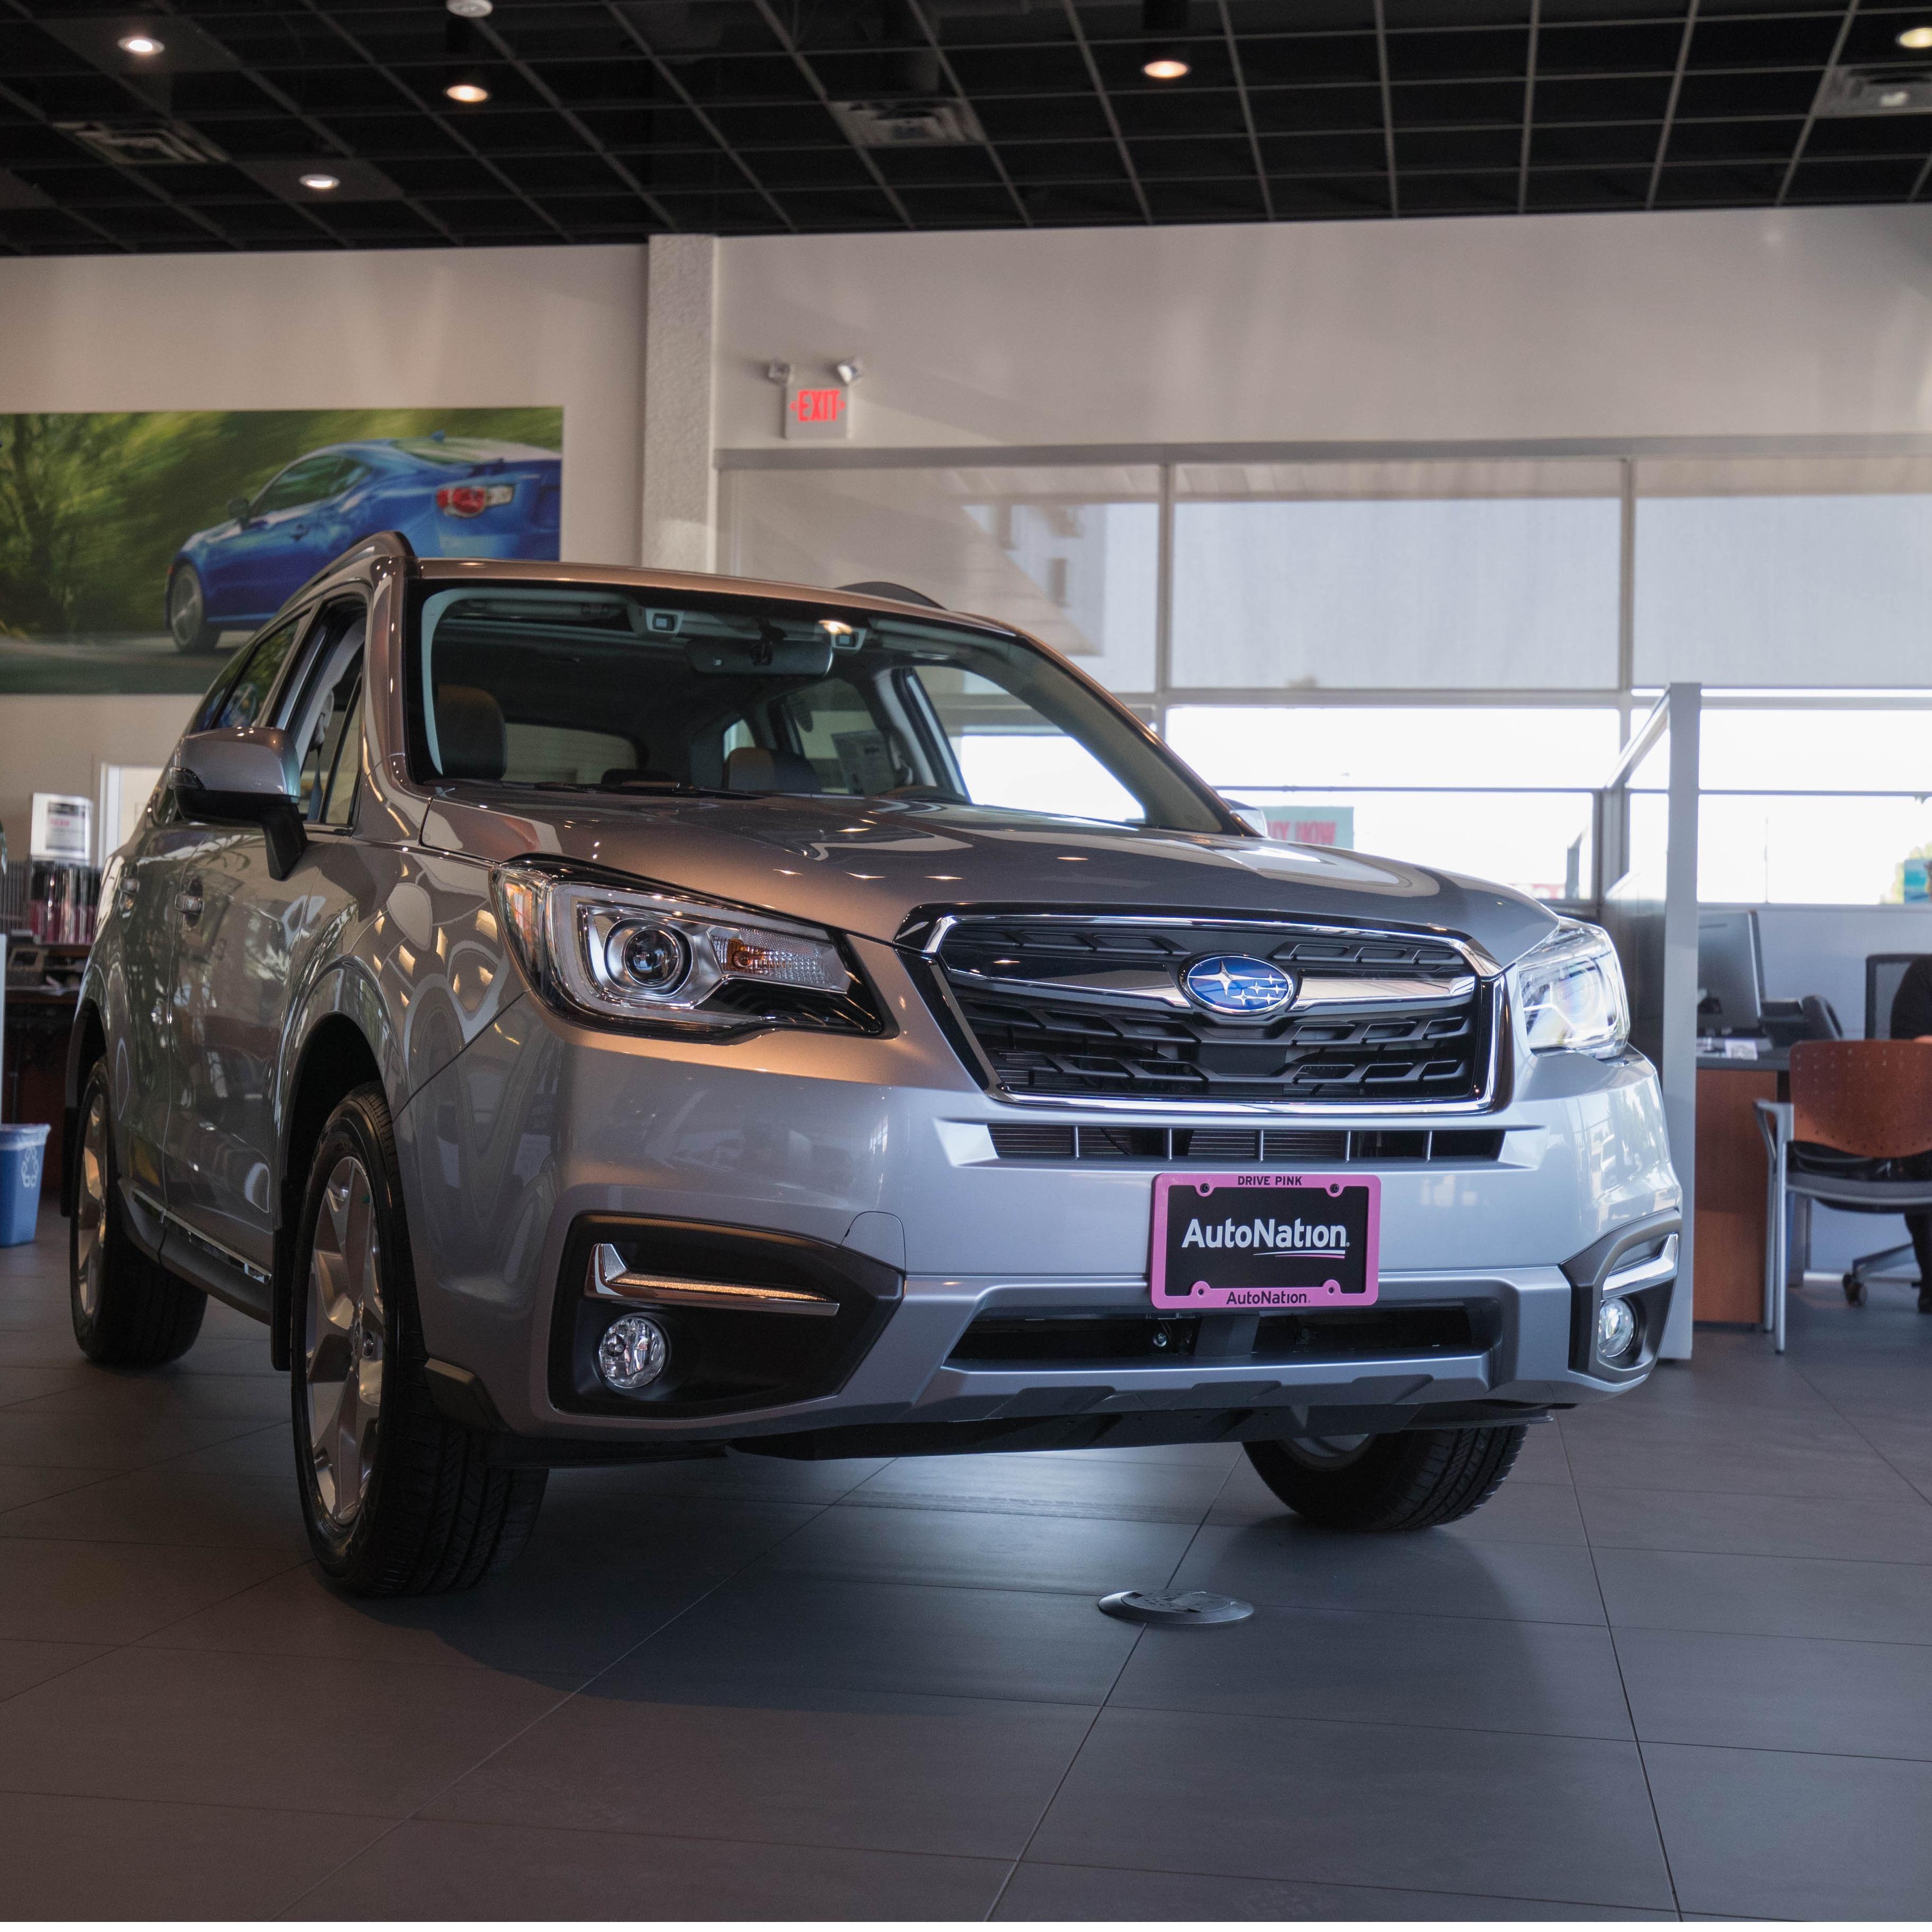 AutoNation Subaru Spokane Valley